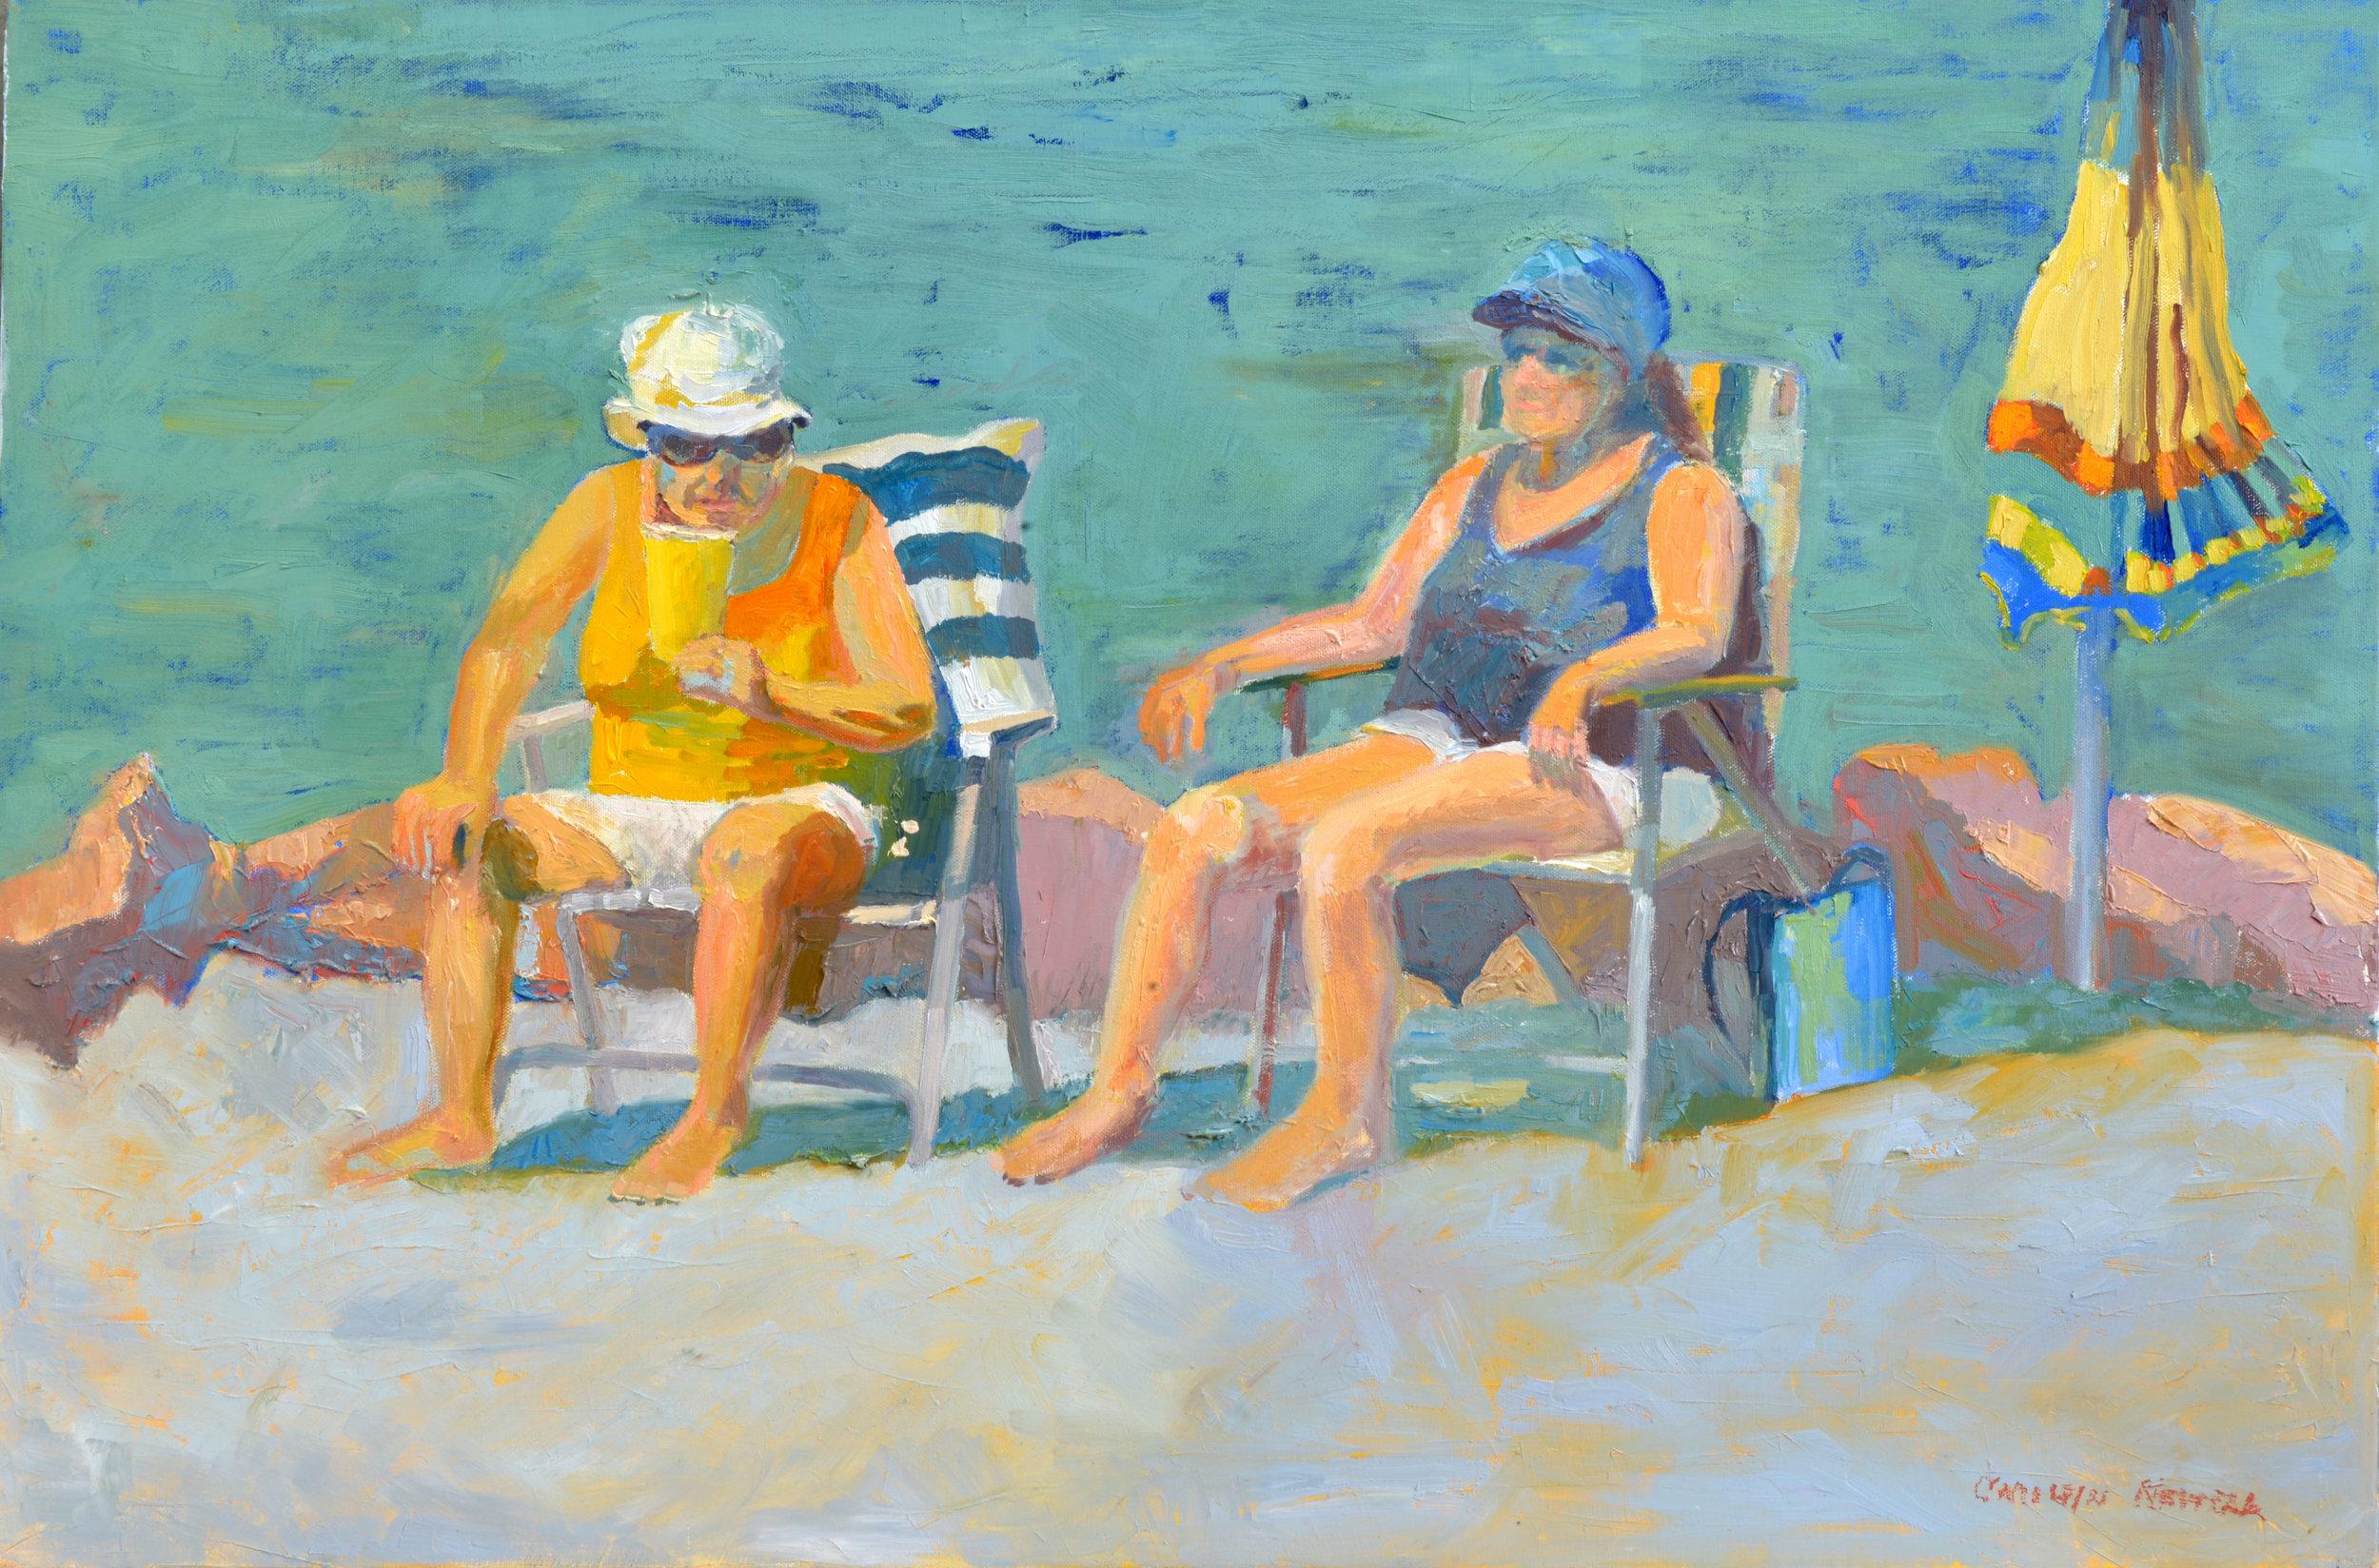 Sunbathers #1